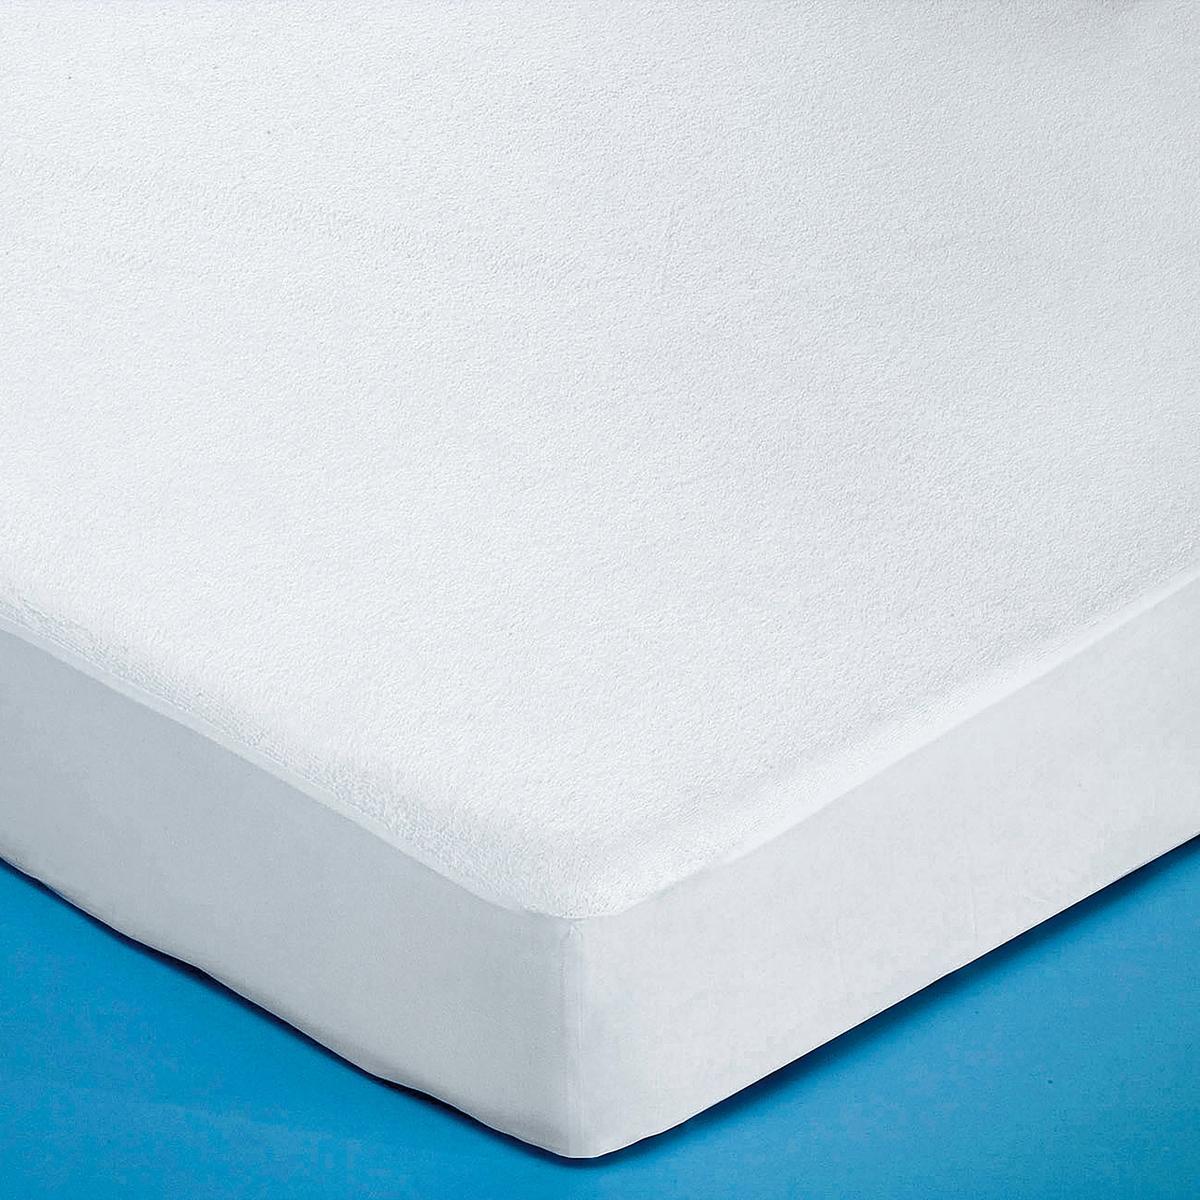 Чехол защитный для матраса из махровой ткани с завитым ворсом на полиуретанеОчень удобный защитный чехол из махровой ткани букле, 80% хлопка, 20% полиэстера, с оборотной стороны покрыт пленкой из полиуретана для полной защиты : Дышащий чехол с микропористой структурой, отводящей влагу от тела при сохранении непромокаемых свойств.Клапаны из джерси из эластичного полиэстера, выс.. 26 см.Доступен размер для детской кроватки.Машинная стирка при 60 °С. Изделие с биоцидной обработкой.<br><br>Цвет: белый<br>Размер: 160 x 200 см